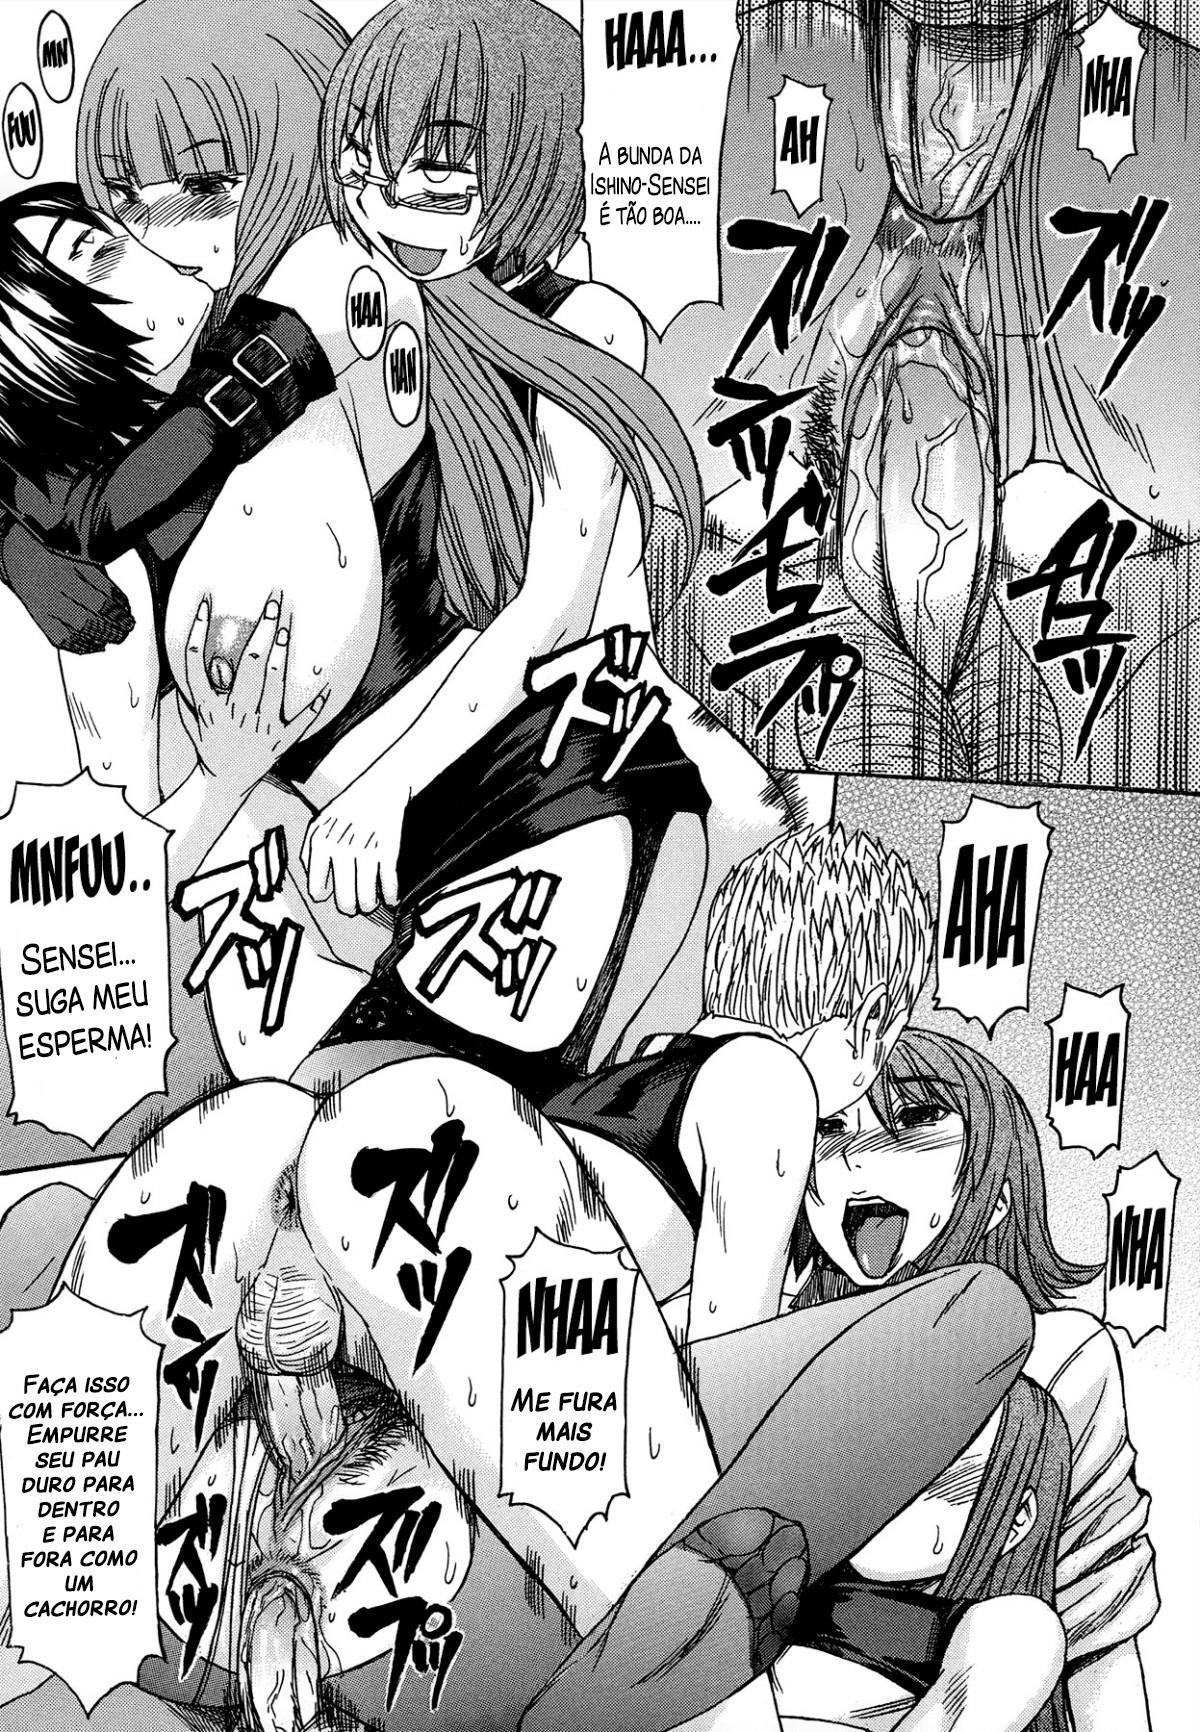 Ashigami Capitulo 5 - pagina 21